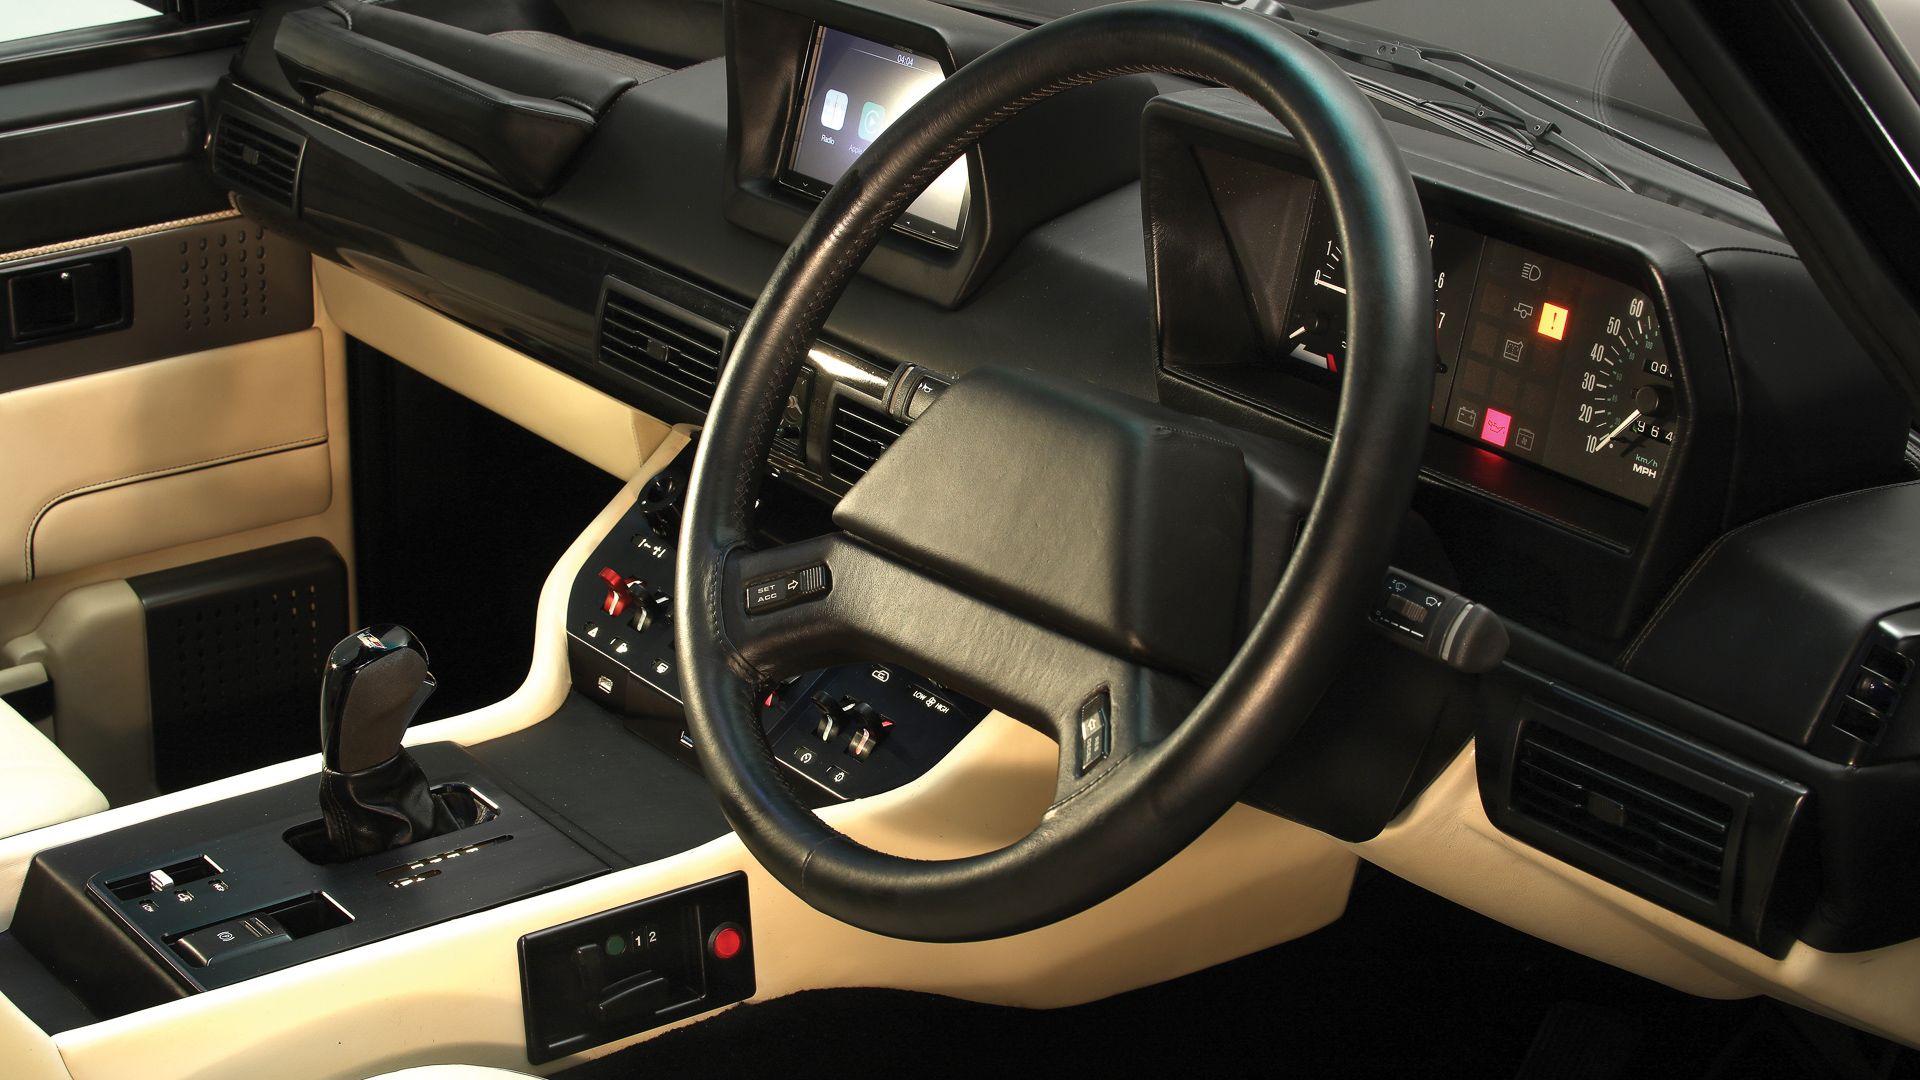 Driven: Jensen Range Rover Chieftain - CALIBRE